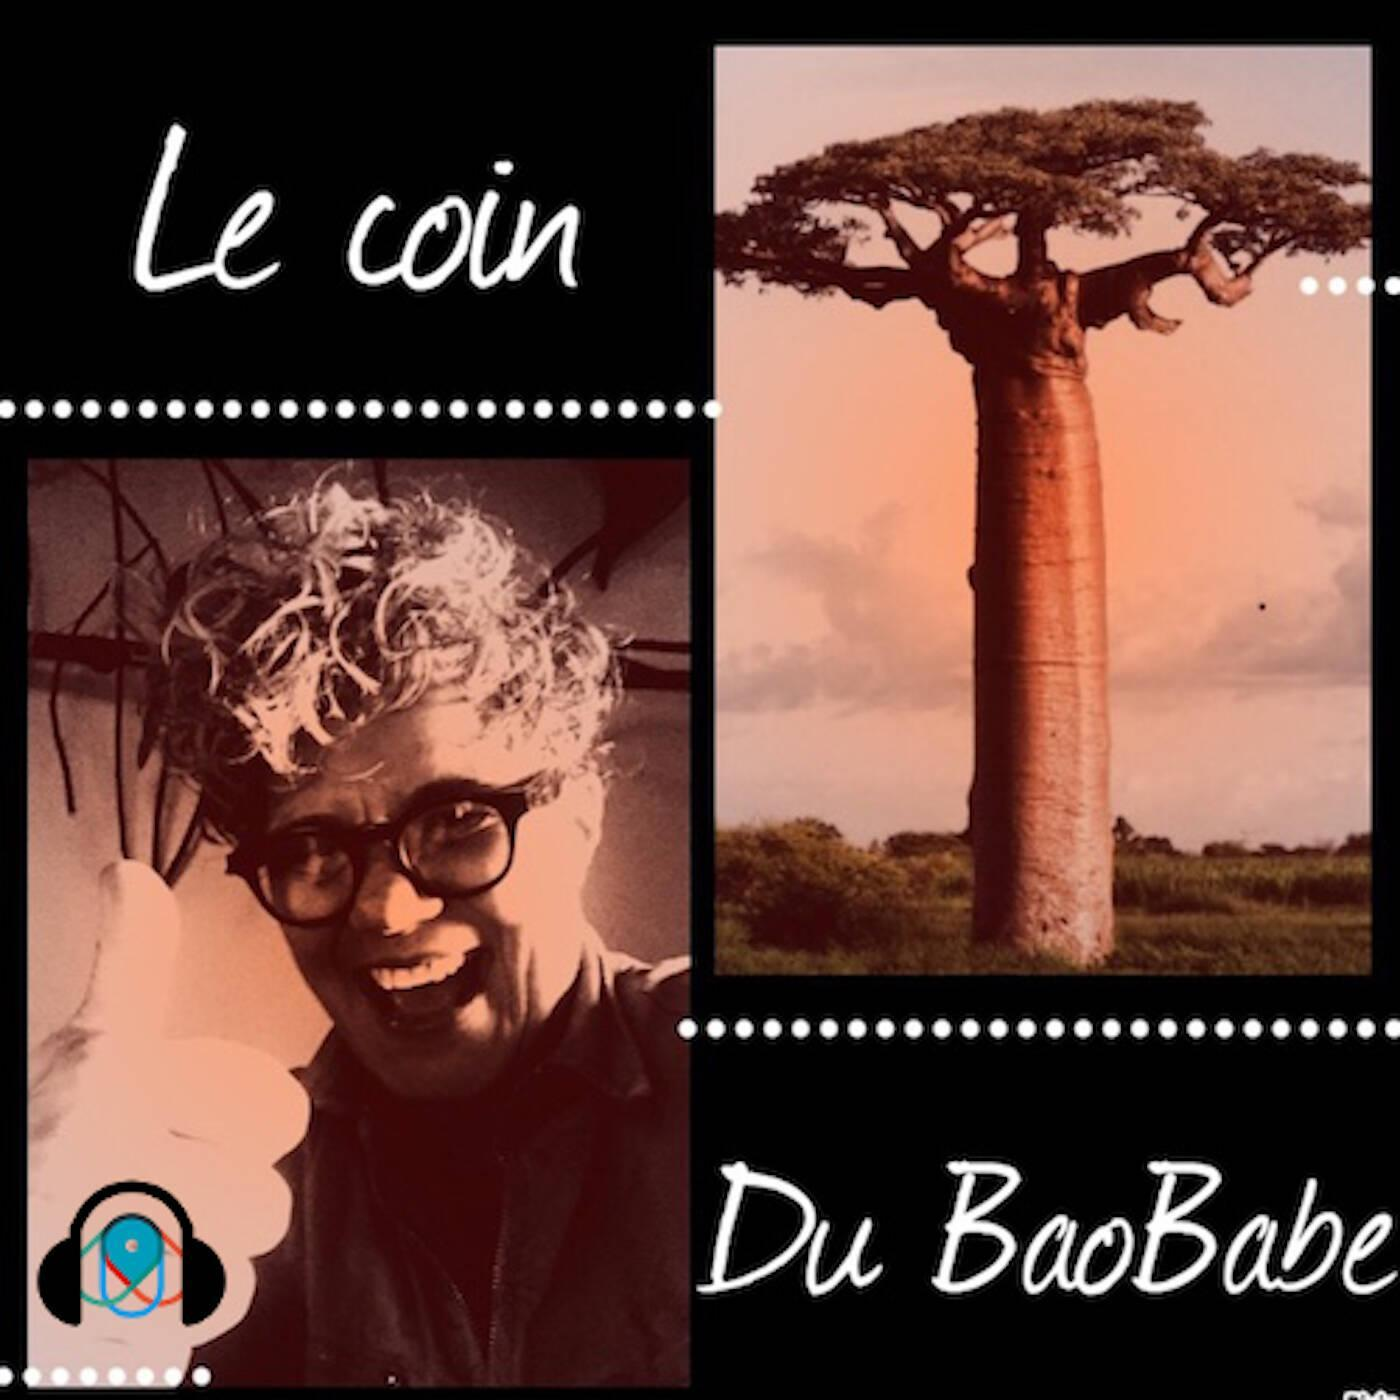 LE COIN DU BAOBABE S1E13